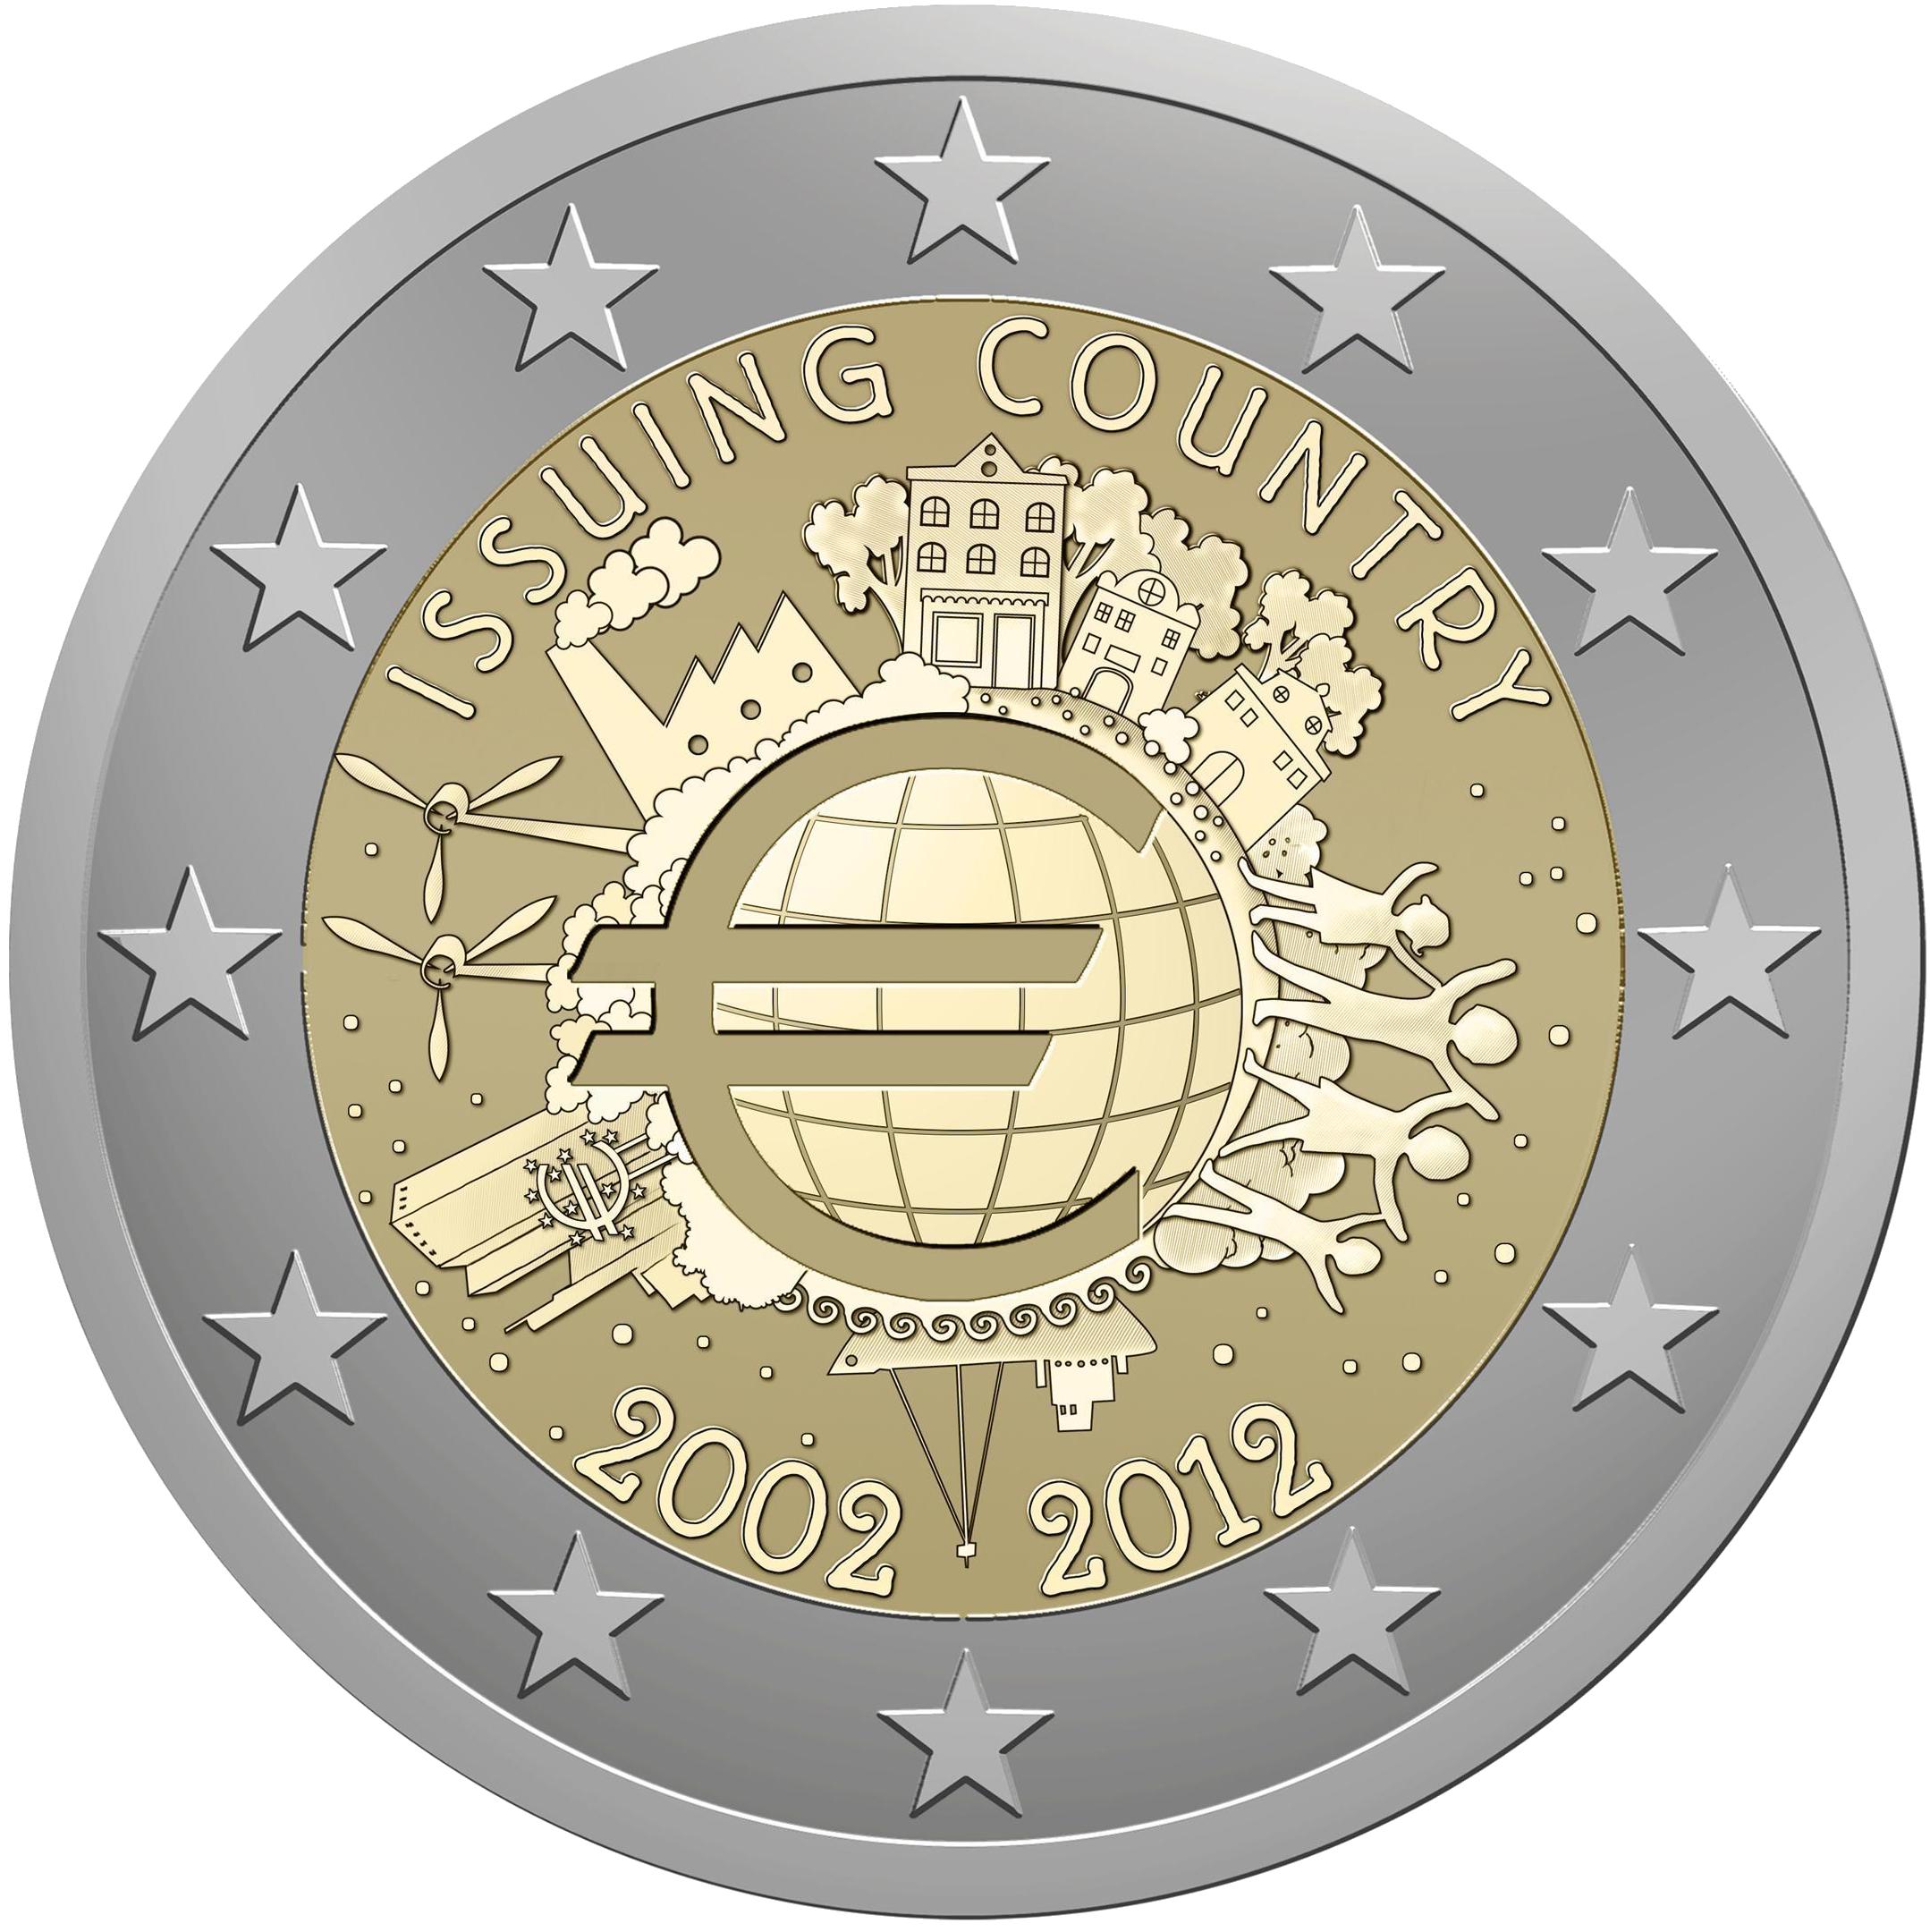 6e697dfde5 2 euro commemorativi emessi nel 2012 - Wikipedia